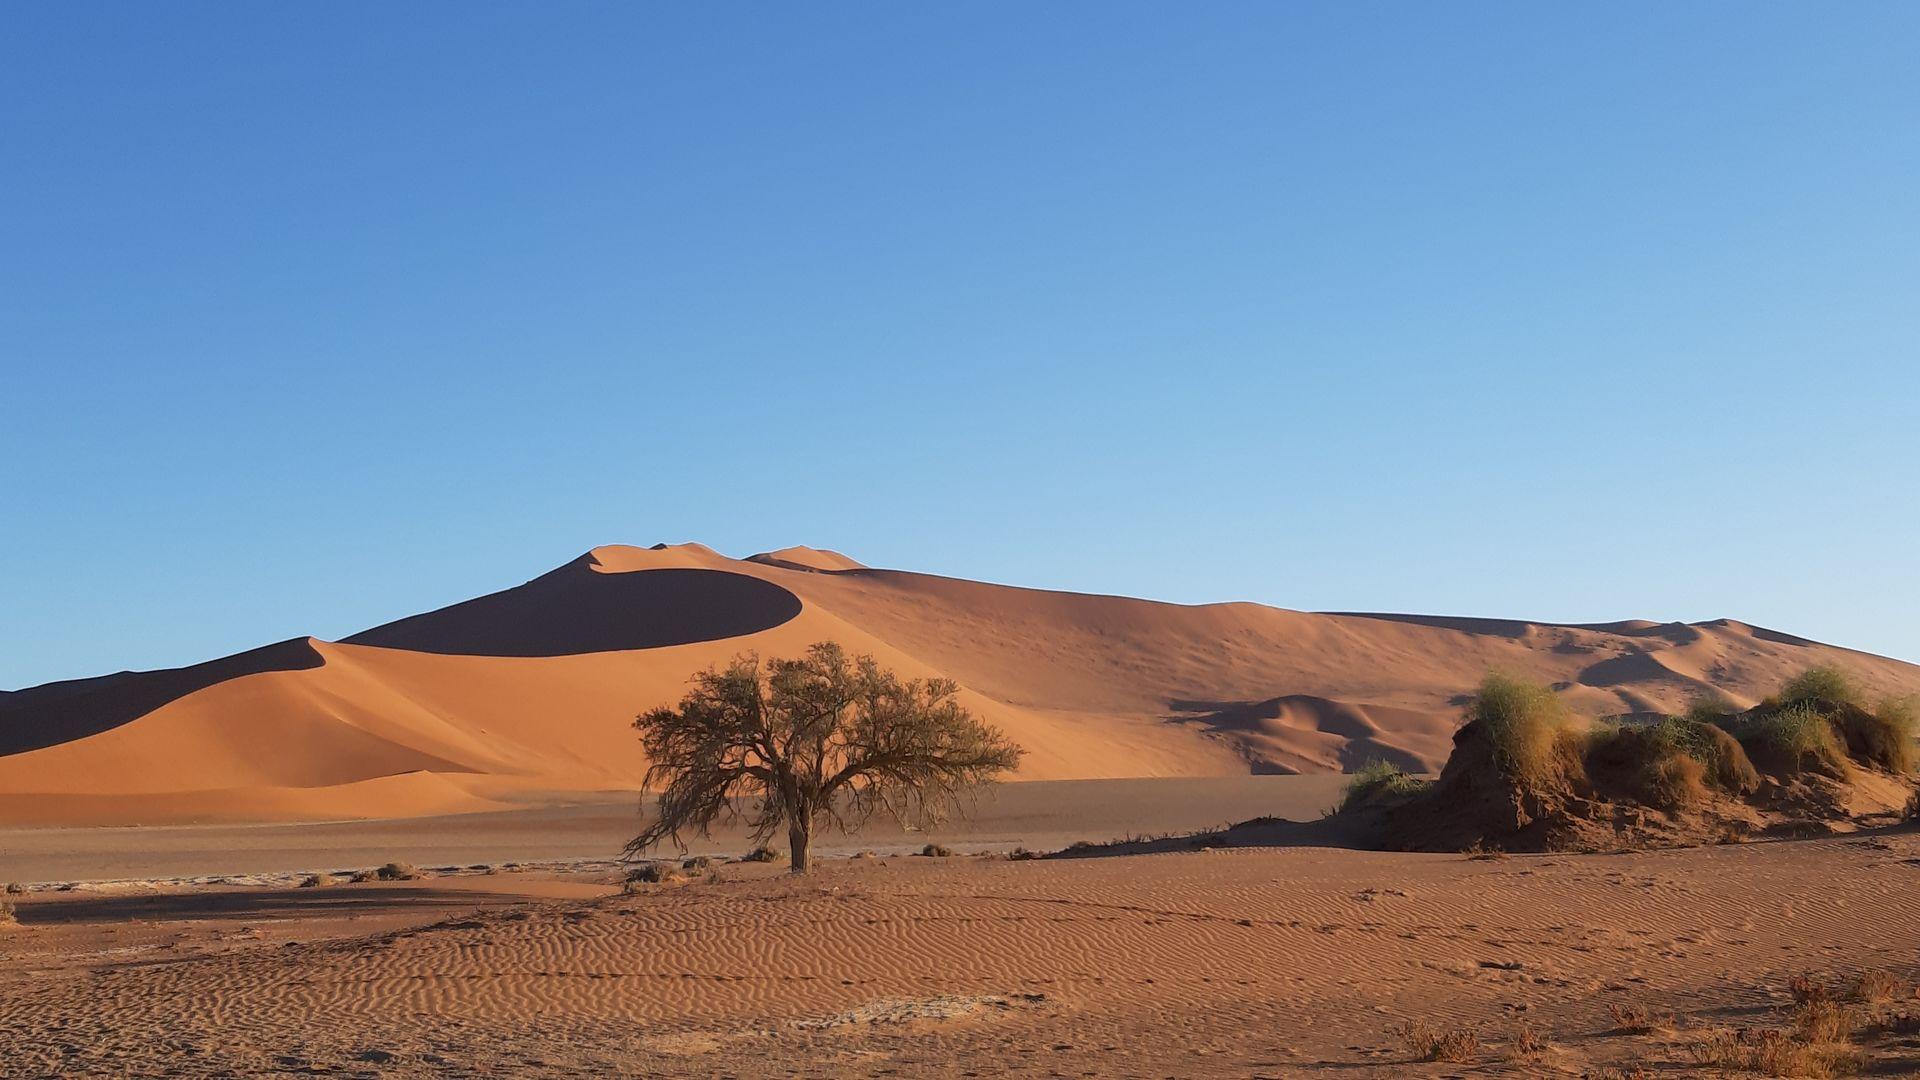 Bezienswaardigheden & Hoogtepunten Namibië - Wat te doen in Namibië